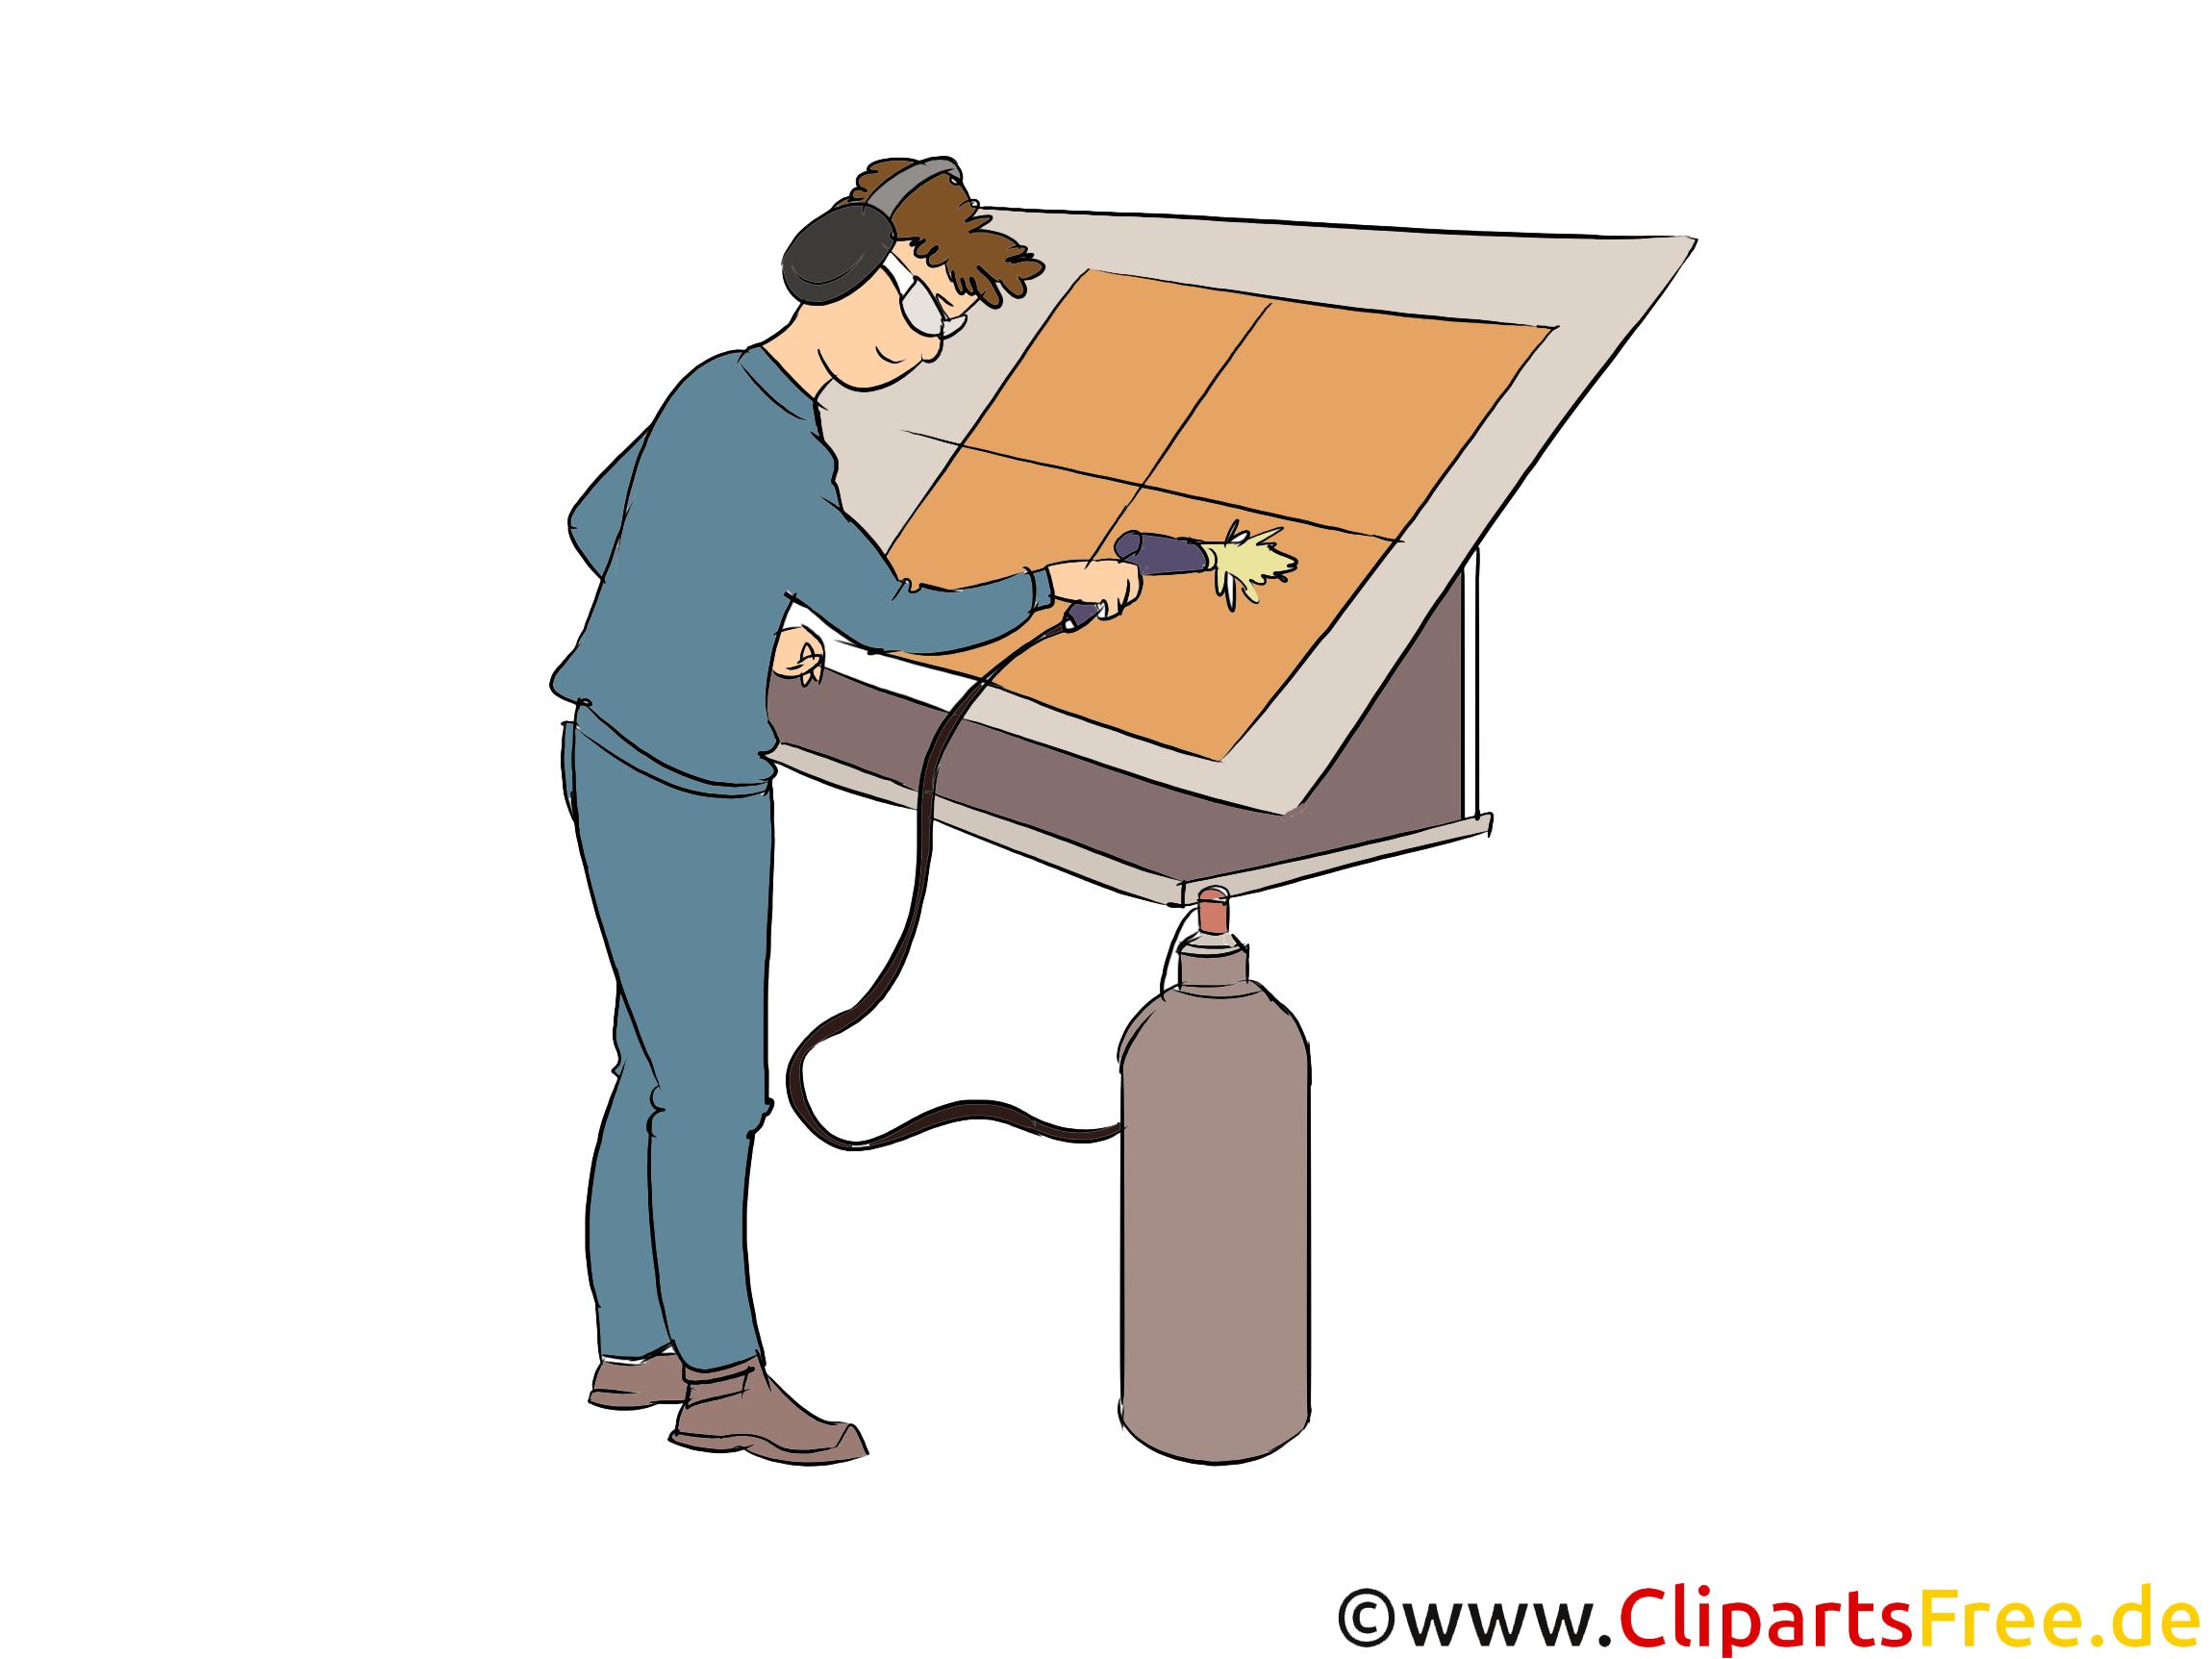 Oberflächenbeschichter Clipart, Bild, Grafik zum Thema Ausbildungsberufe (3)